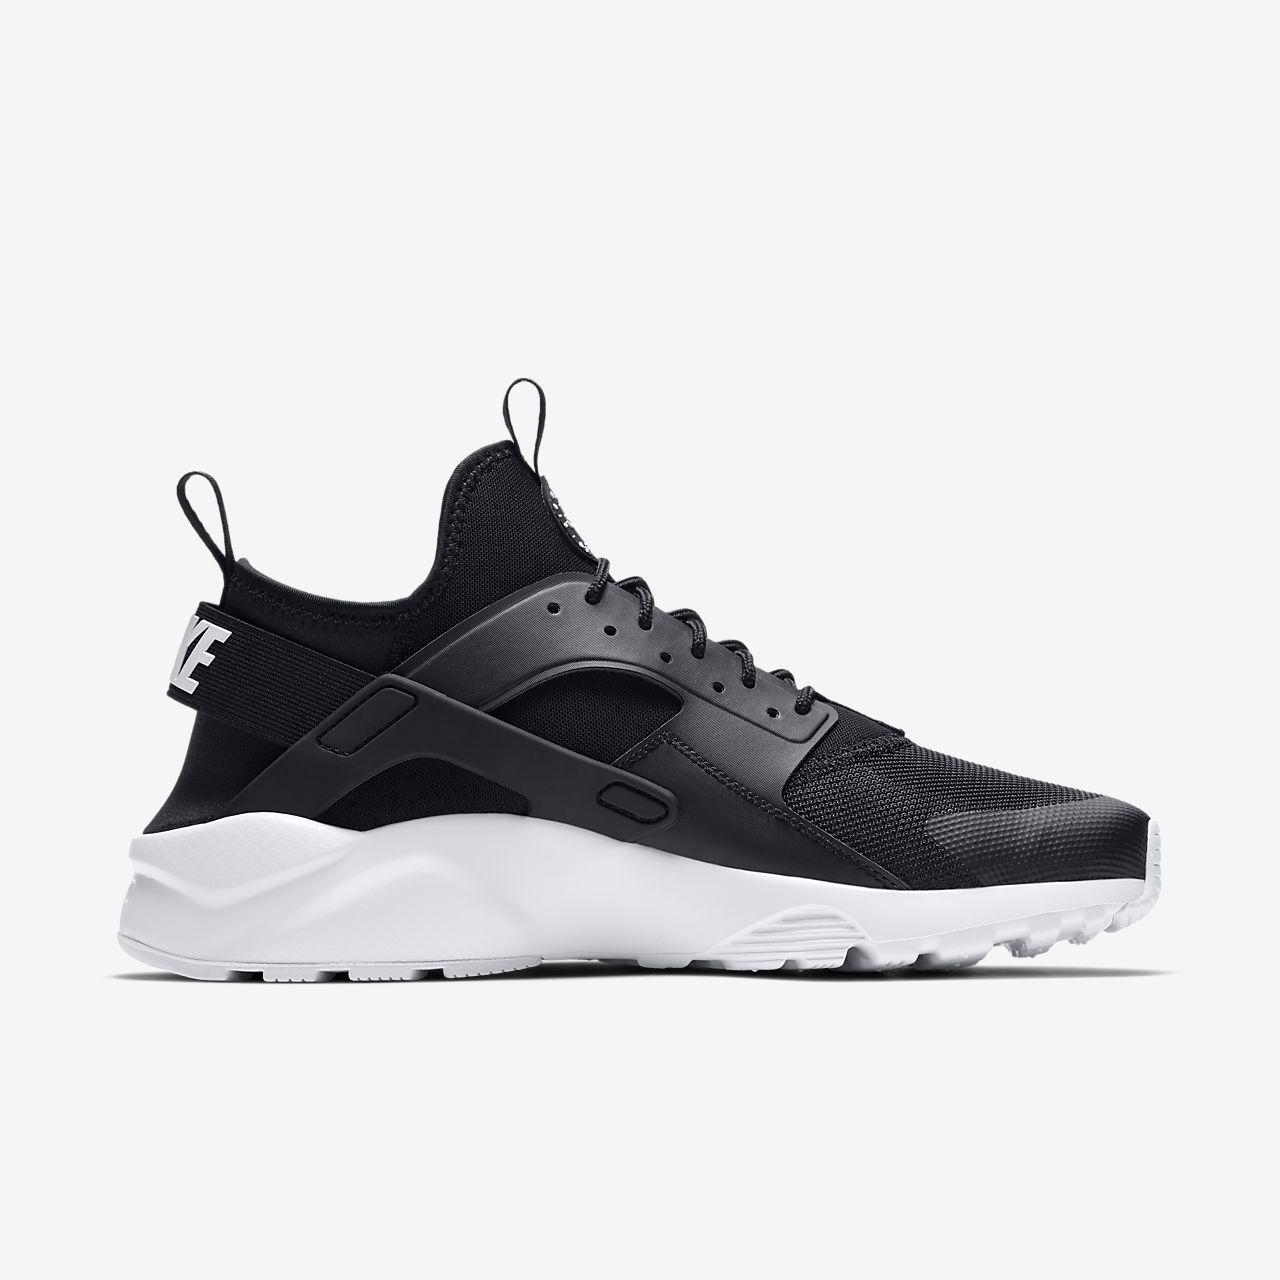 3c629bfaea008 Nike Air Huarache Ultra Zapatillas - Hombre. Nike.com ES